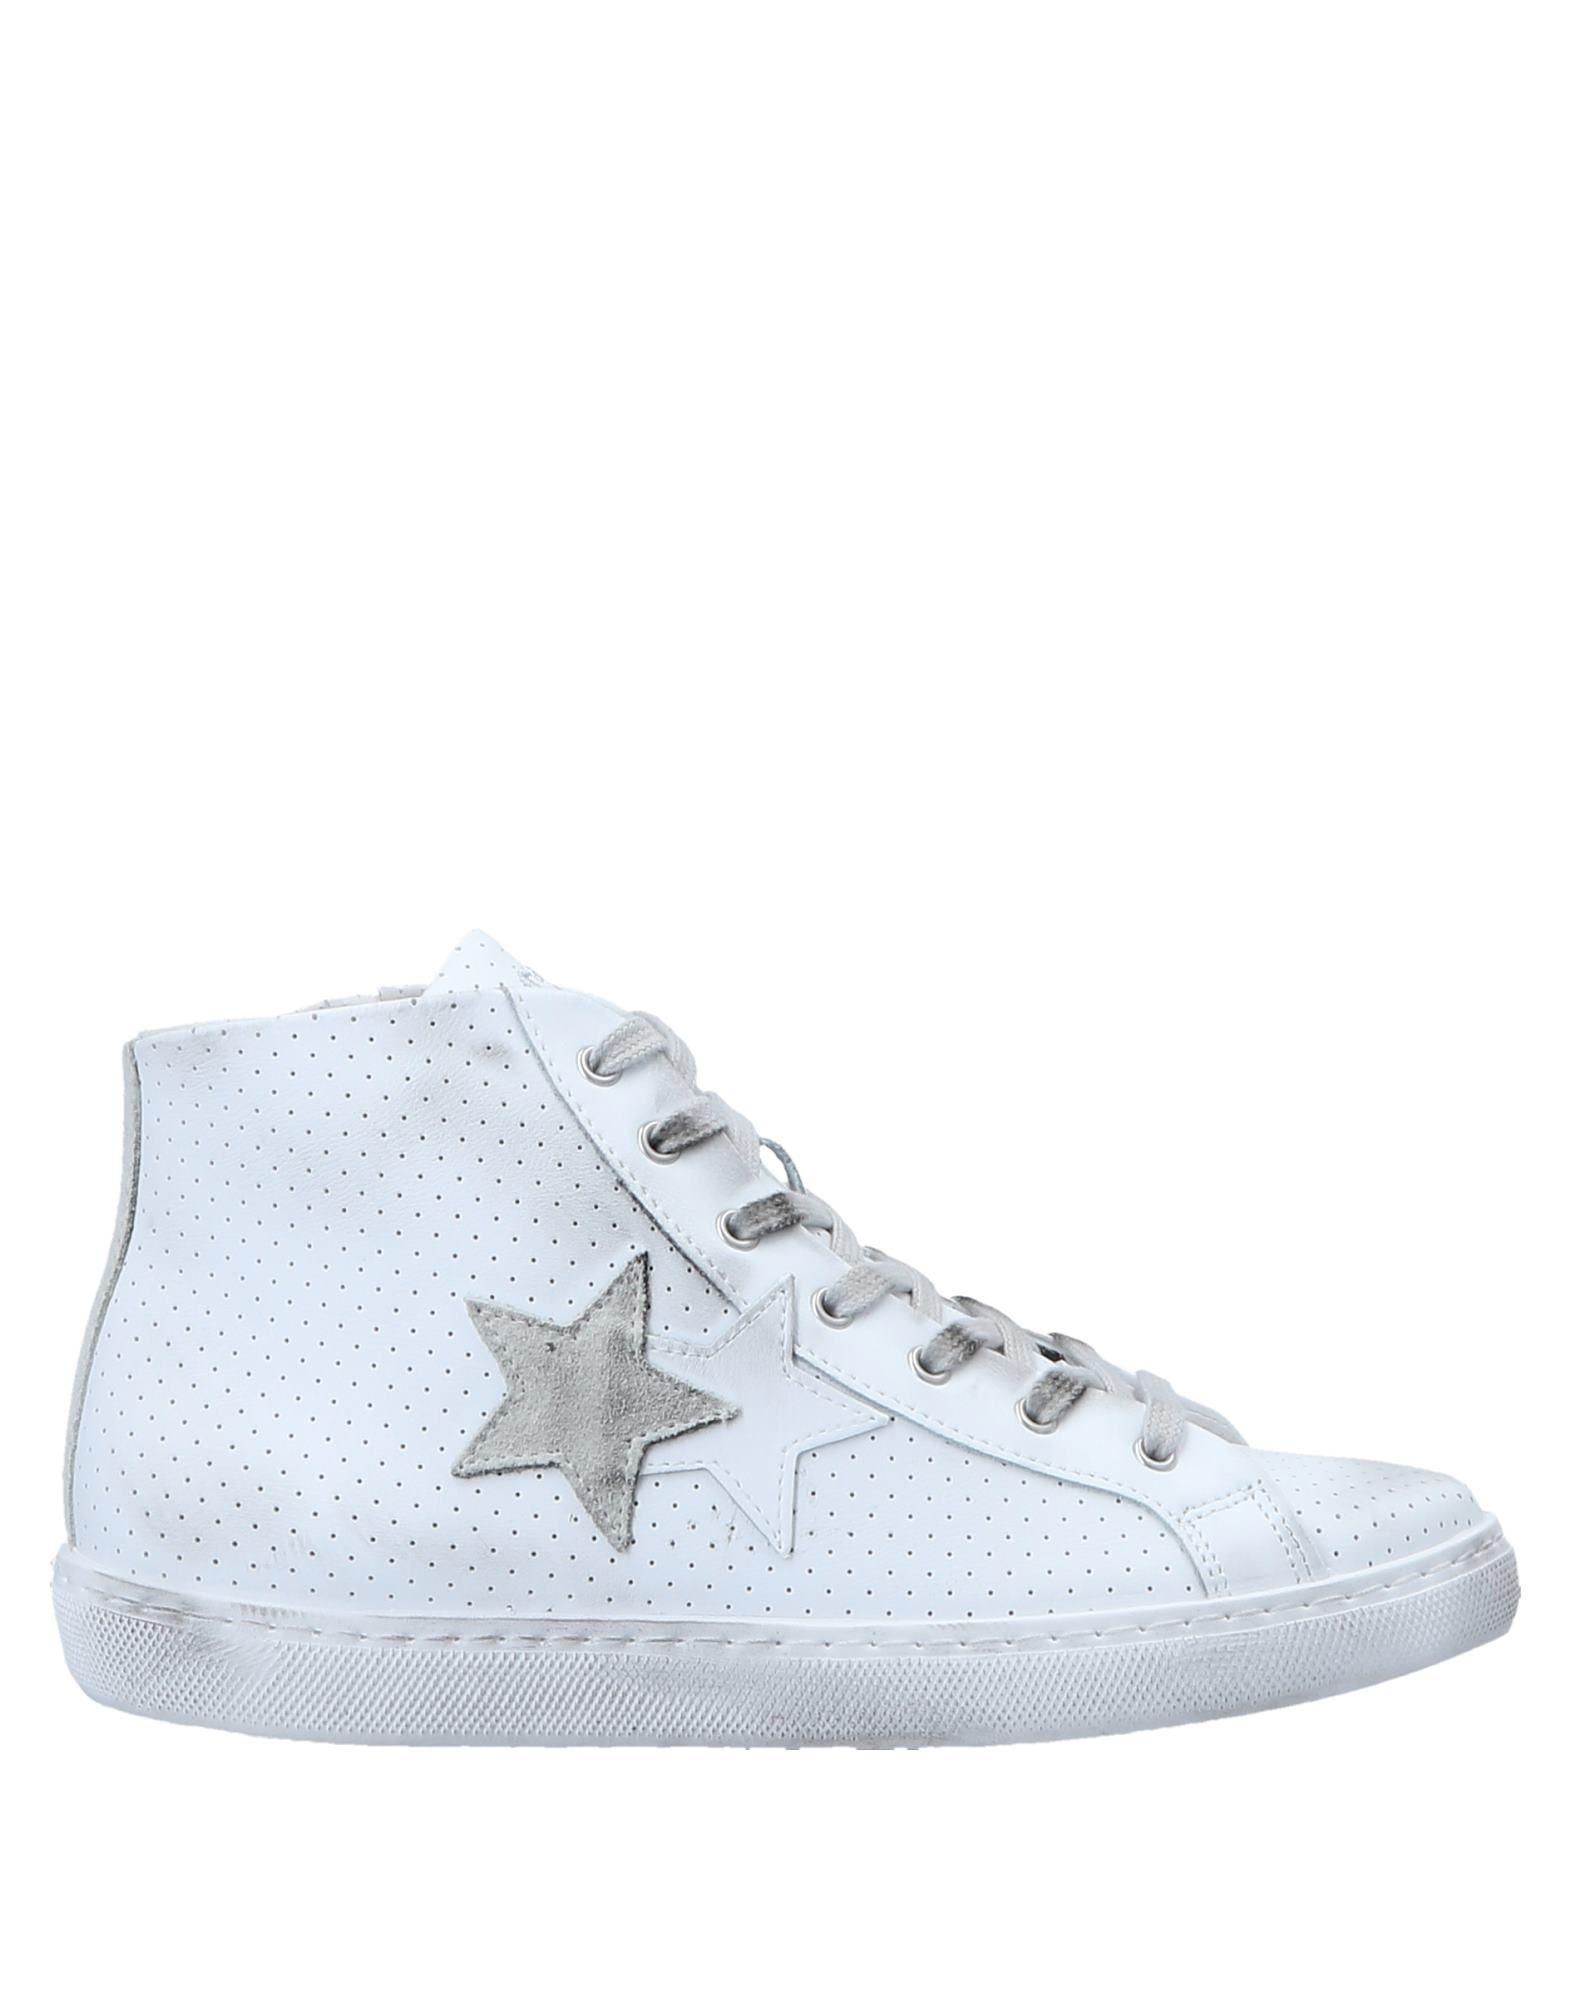 2star 2star 2star baskets - femmes 2star baskets en ligne le royaume - uni - 11551792hh a7cf42